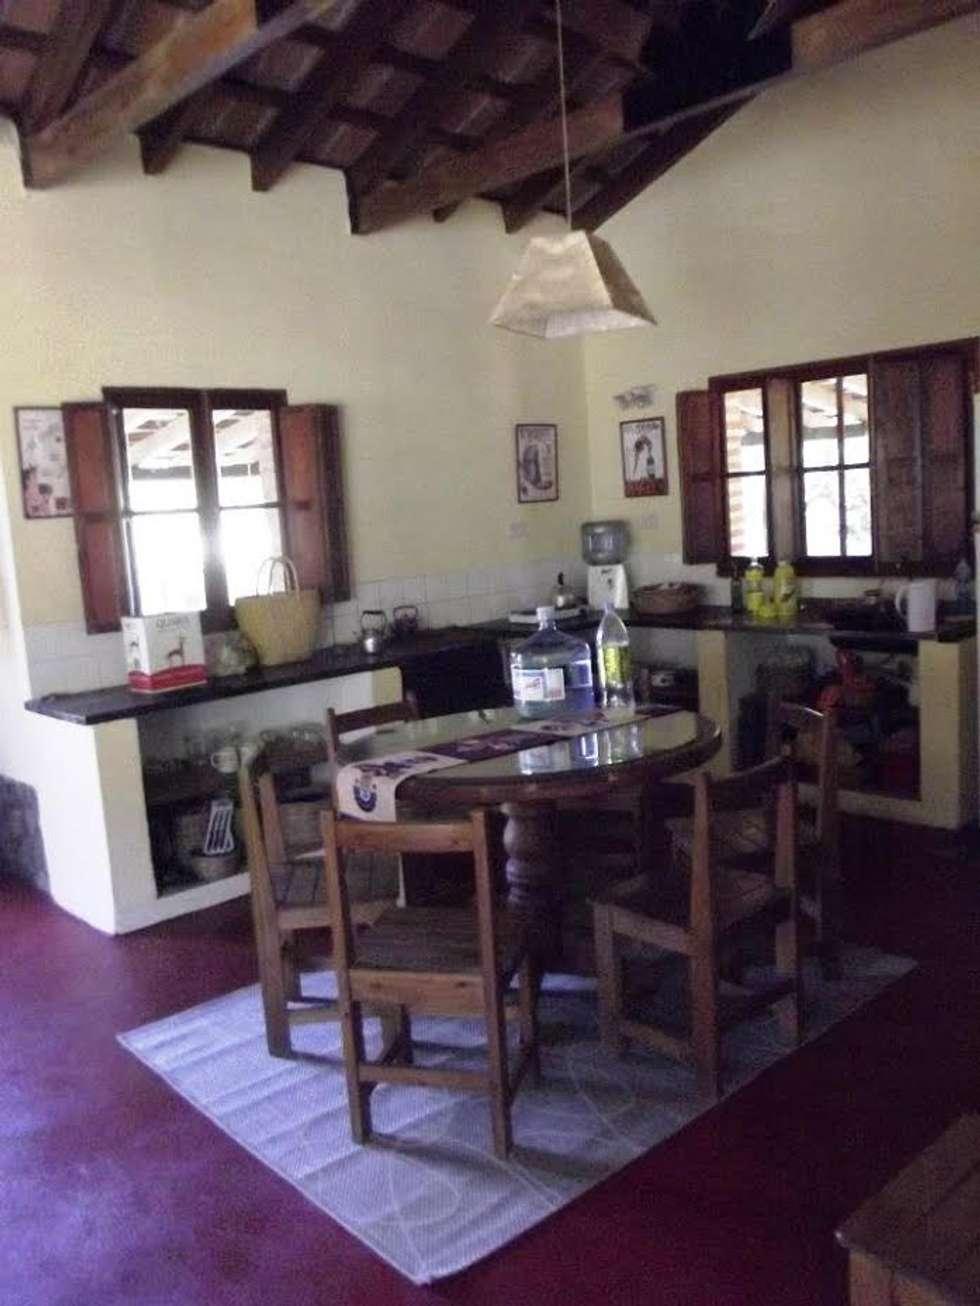 Casco de Finca en La Caldera: Cocinas de estilo rural por Valy